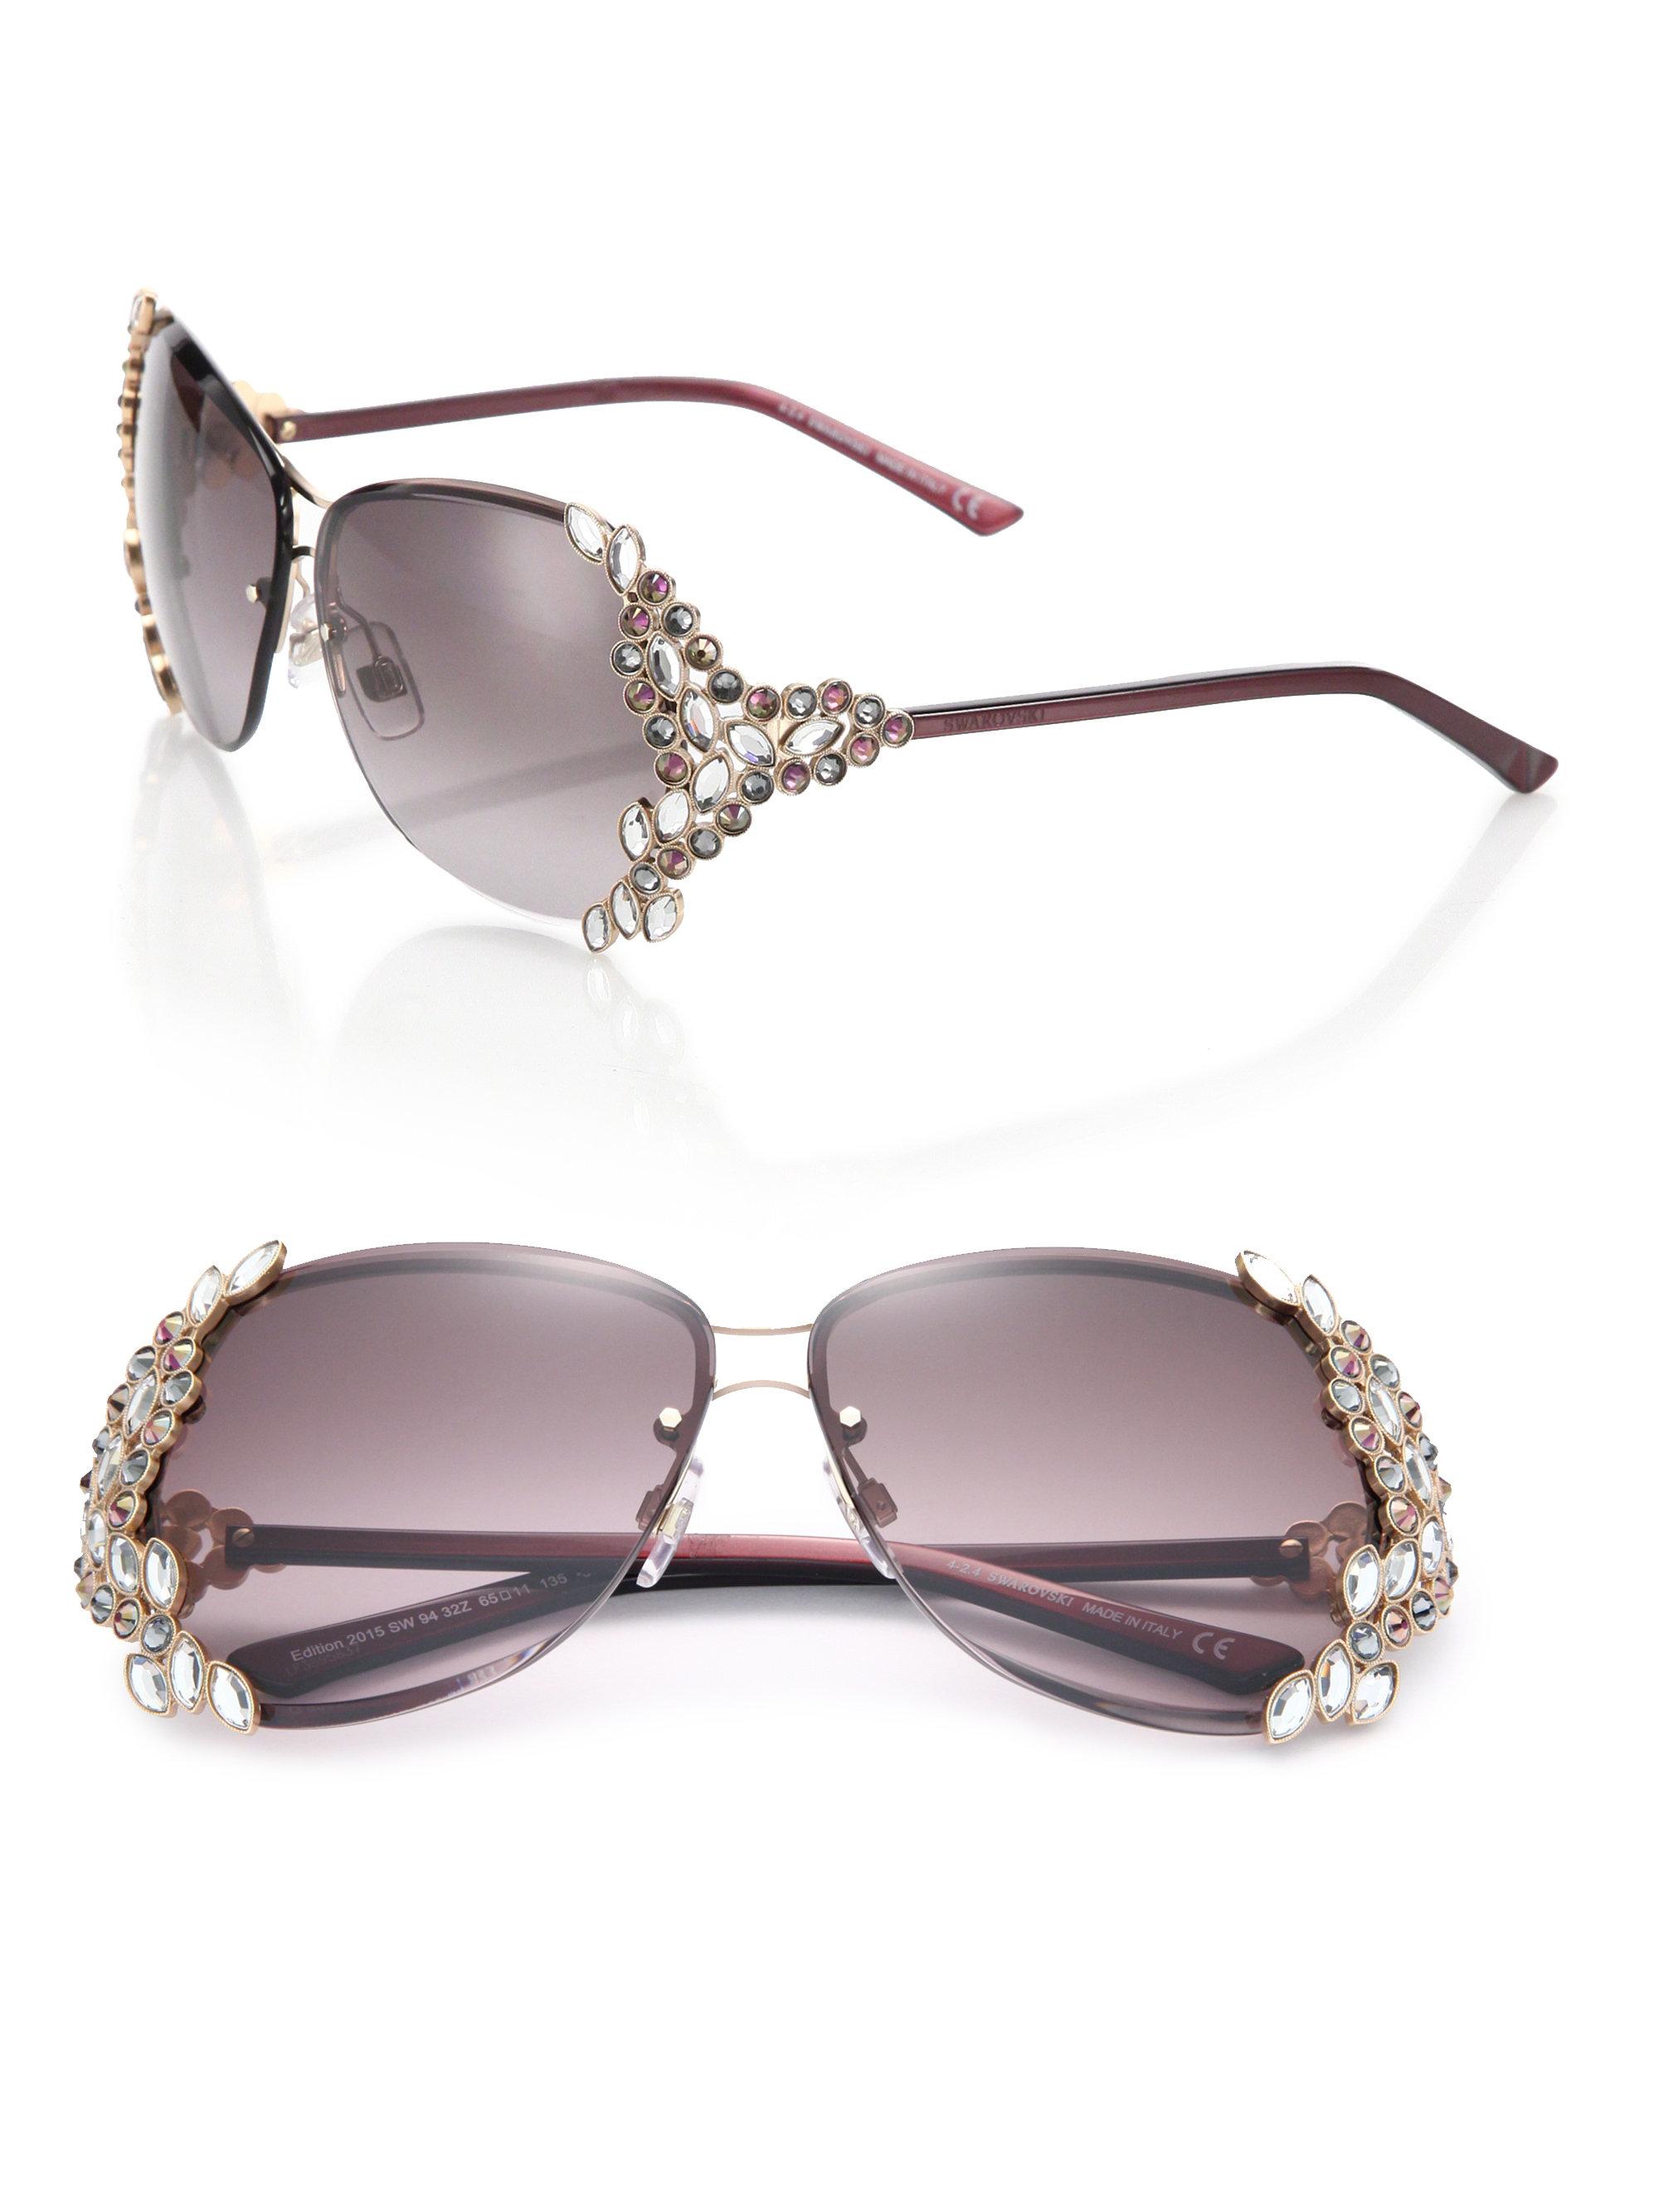 95da2b4aec83 Lyst - Swarovski Special Edition 65mm Crystal Sunglasses in Black